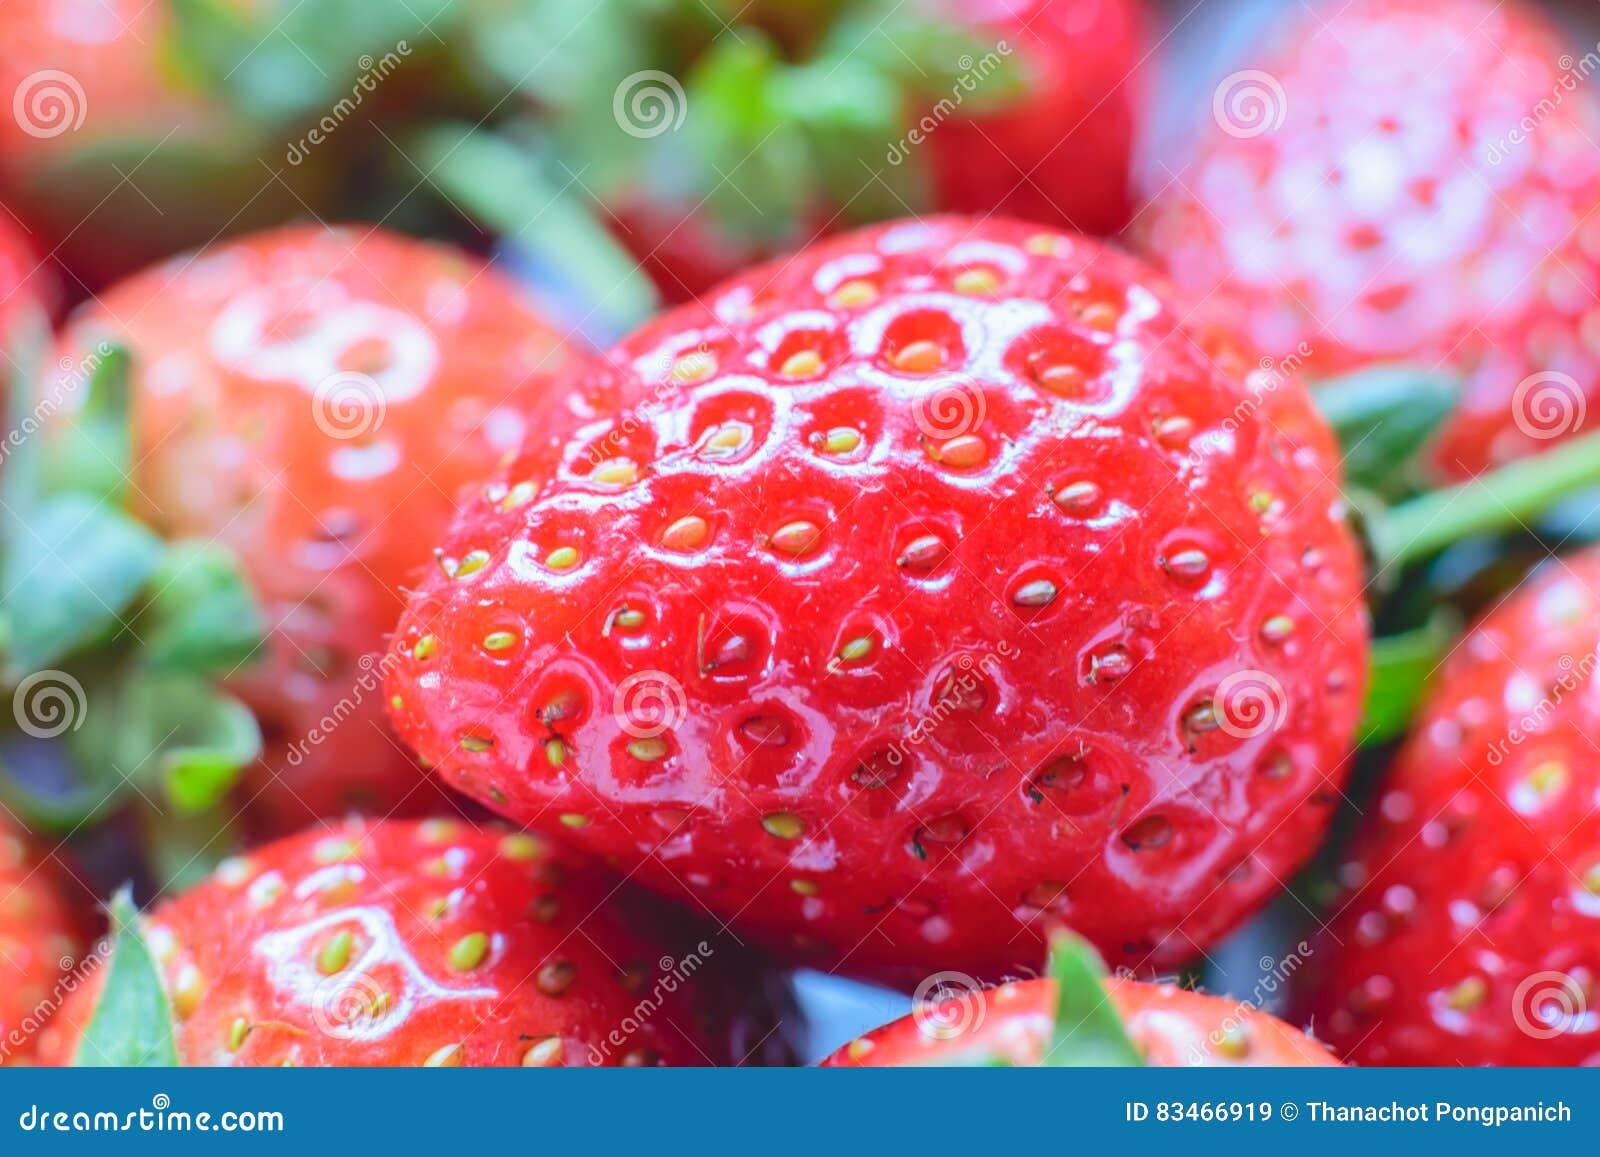 Söt jordgubbe ny jordgubbe Rött strewberry